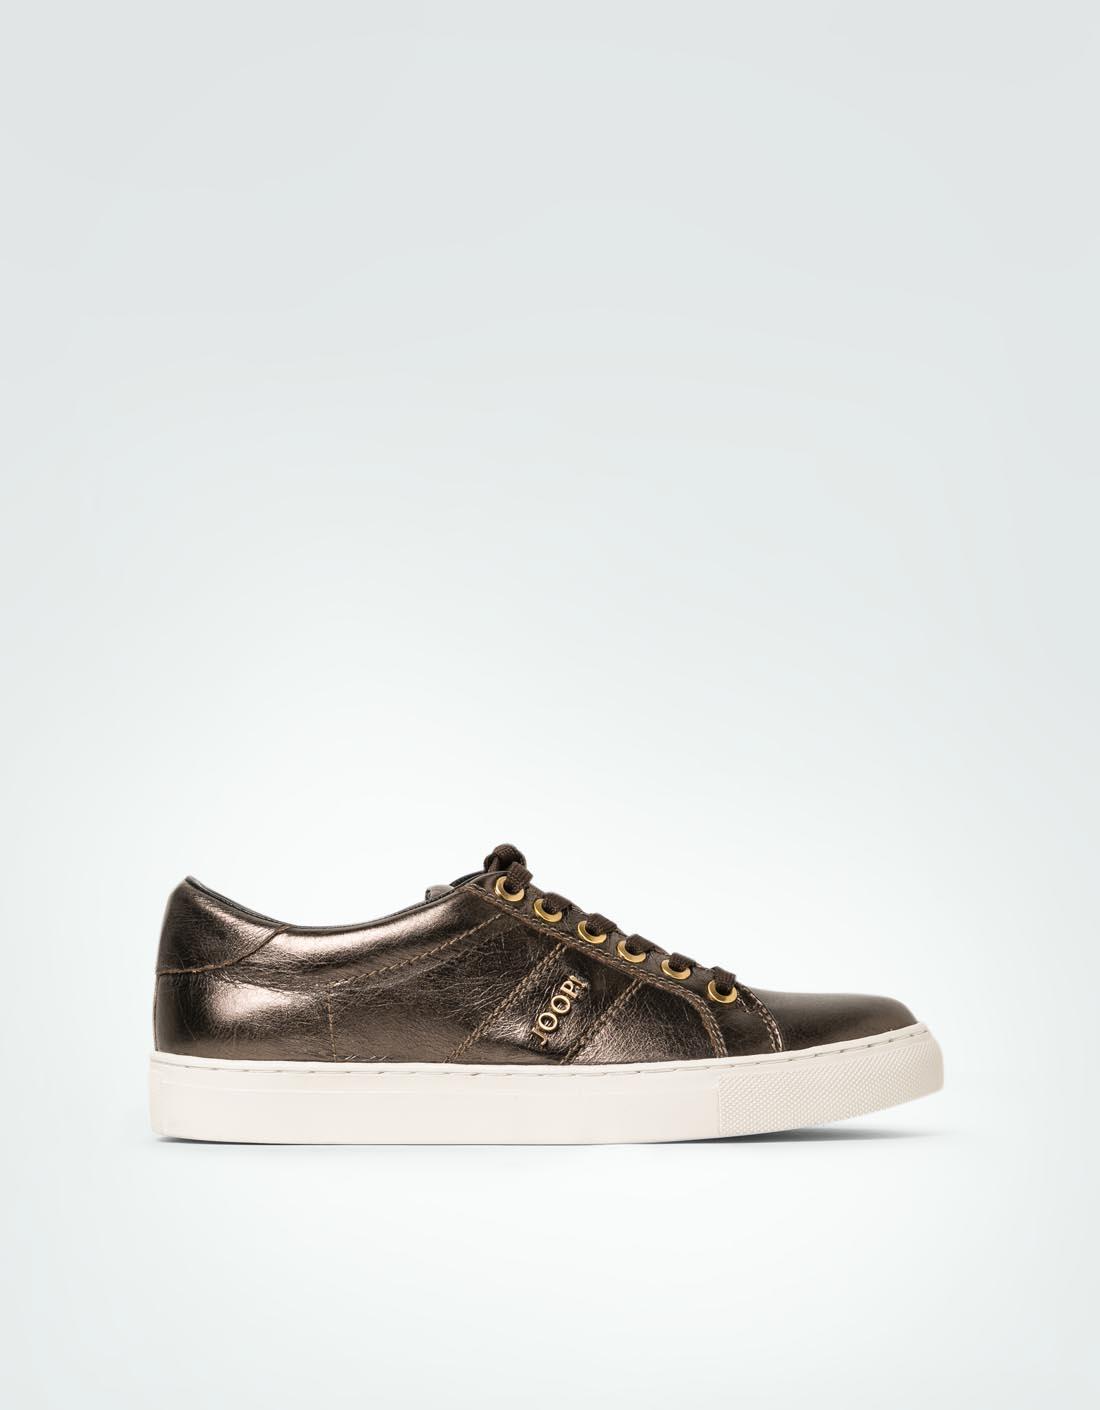 online retailer fashion styles speical offer JOOP! Damen Sneaker Coralie s im Metallic-Look empfohlen von ...